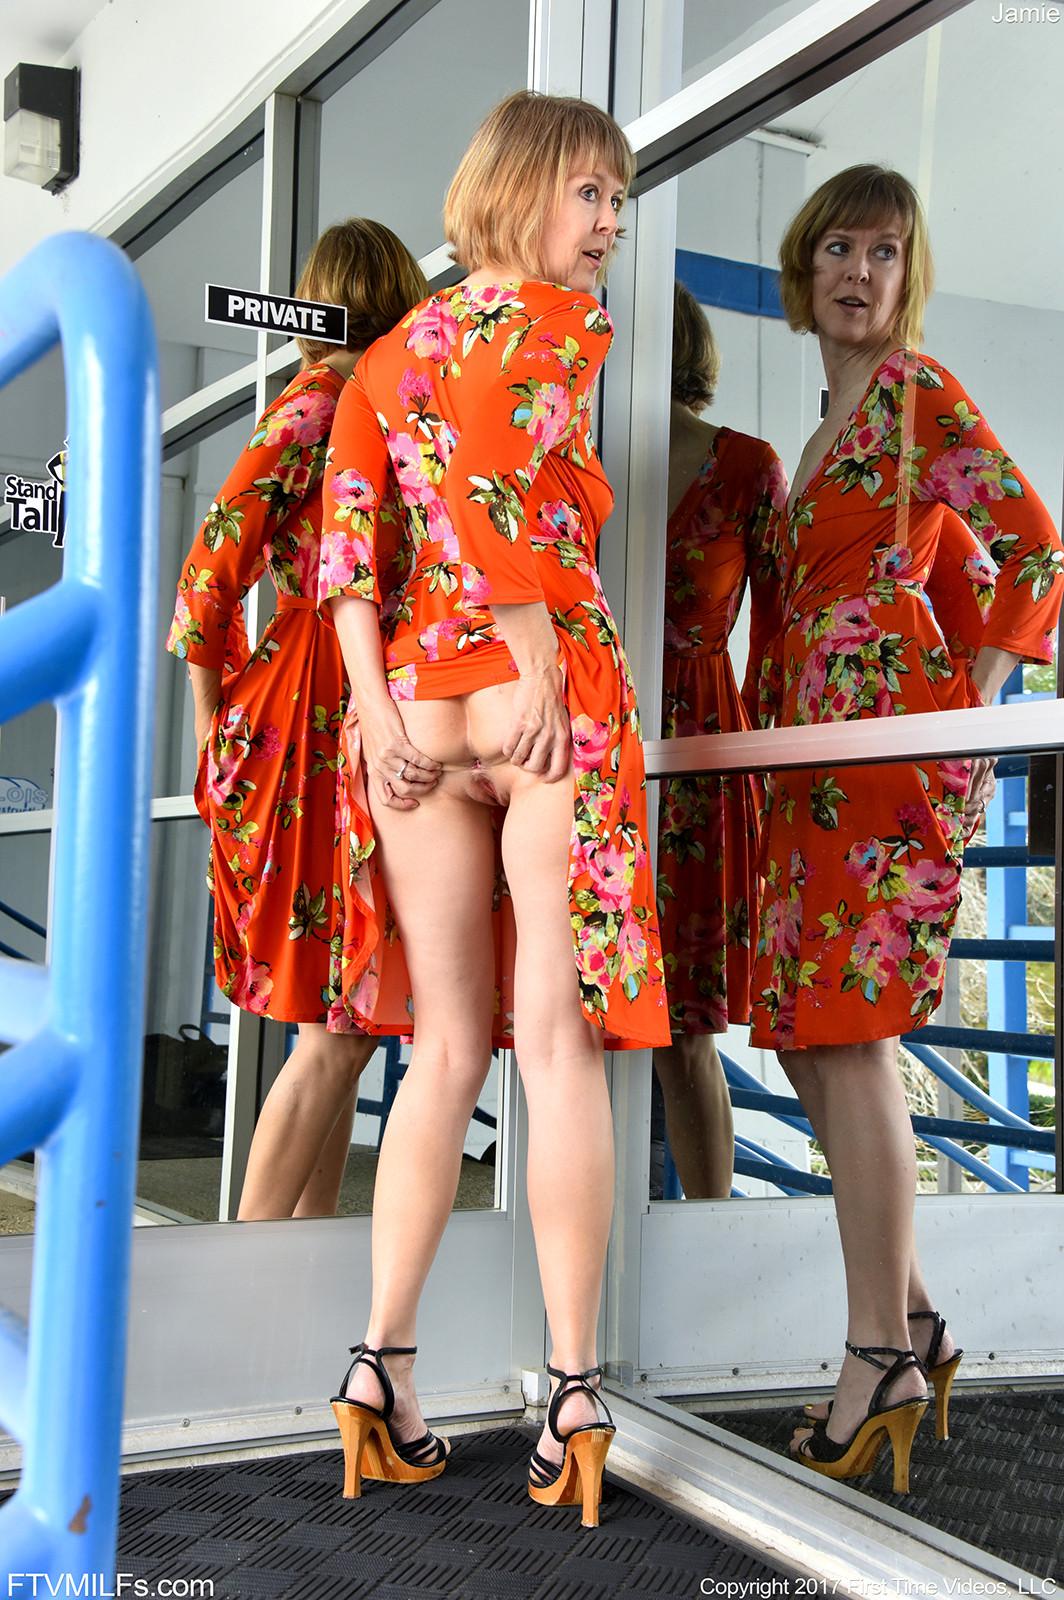 Ftv Sex Photos 56